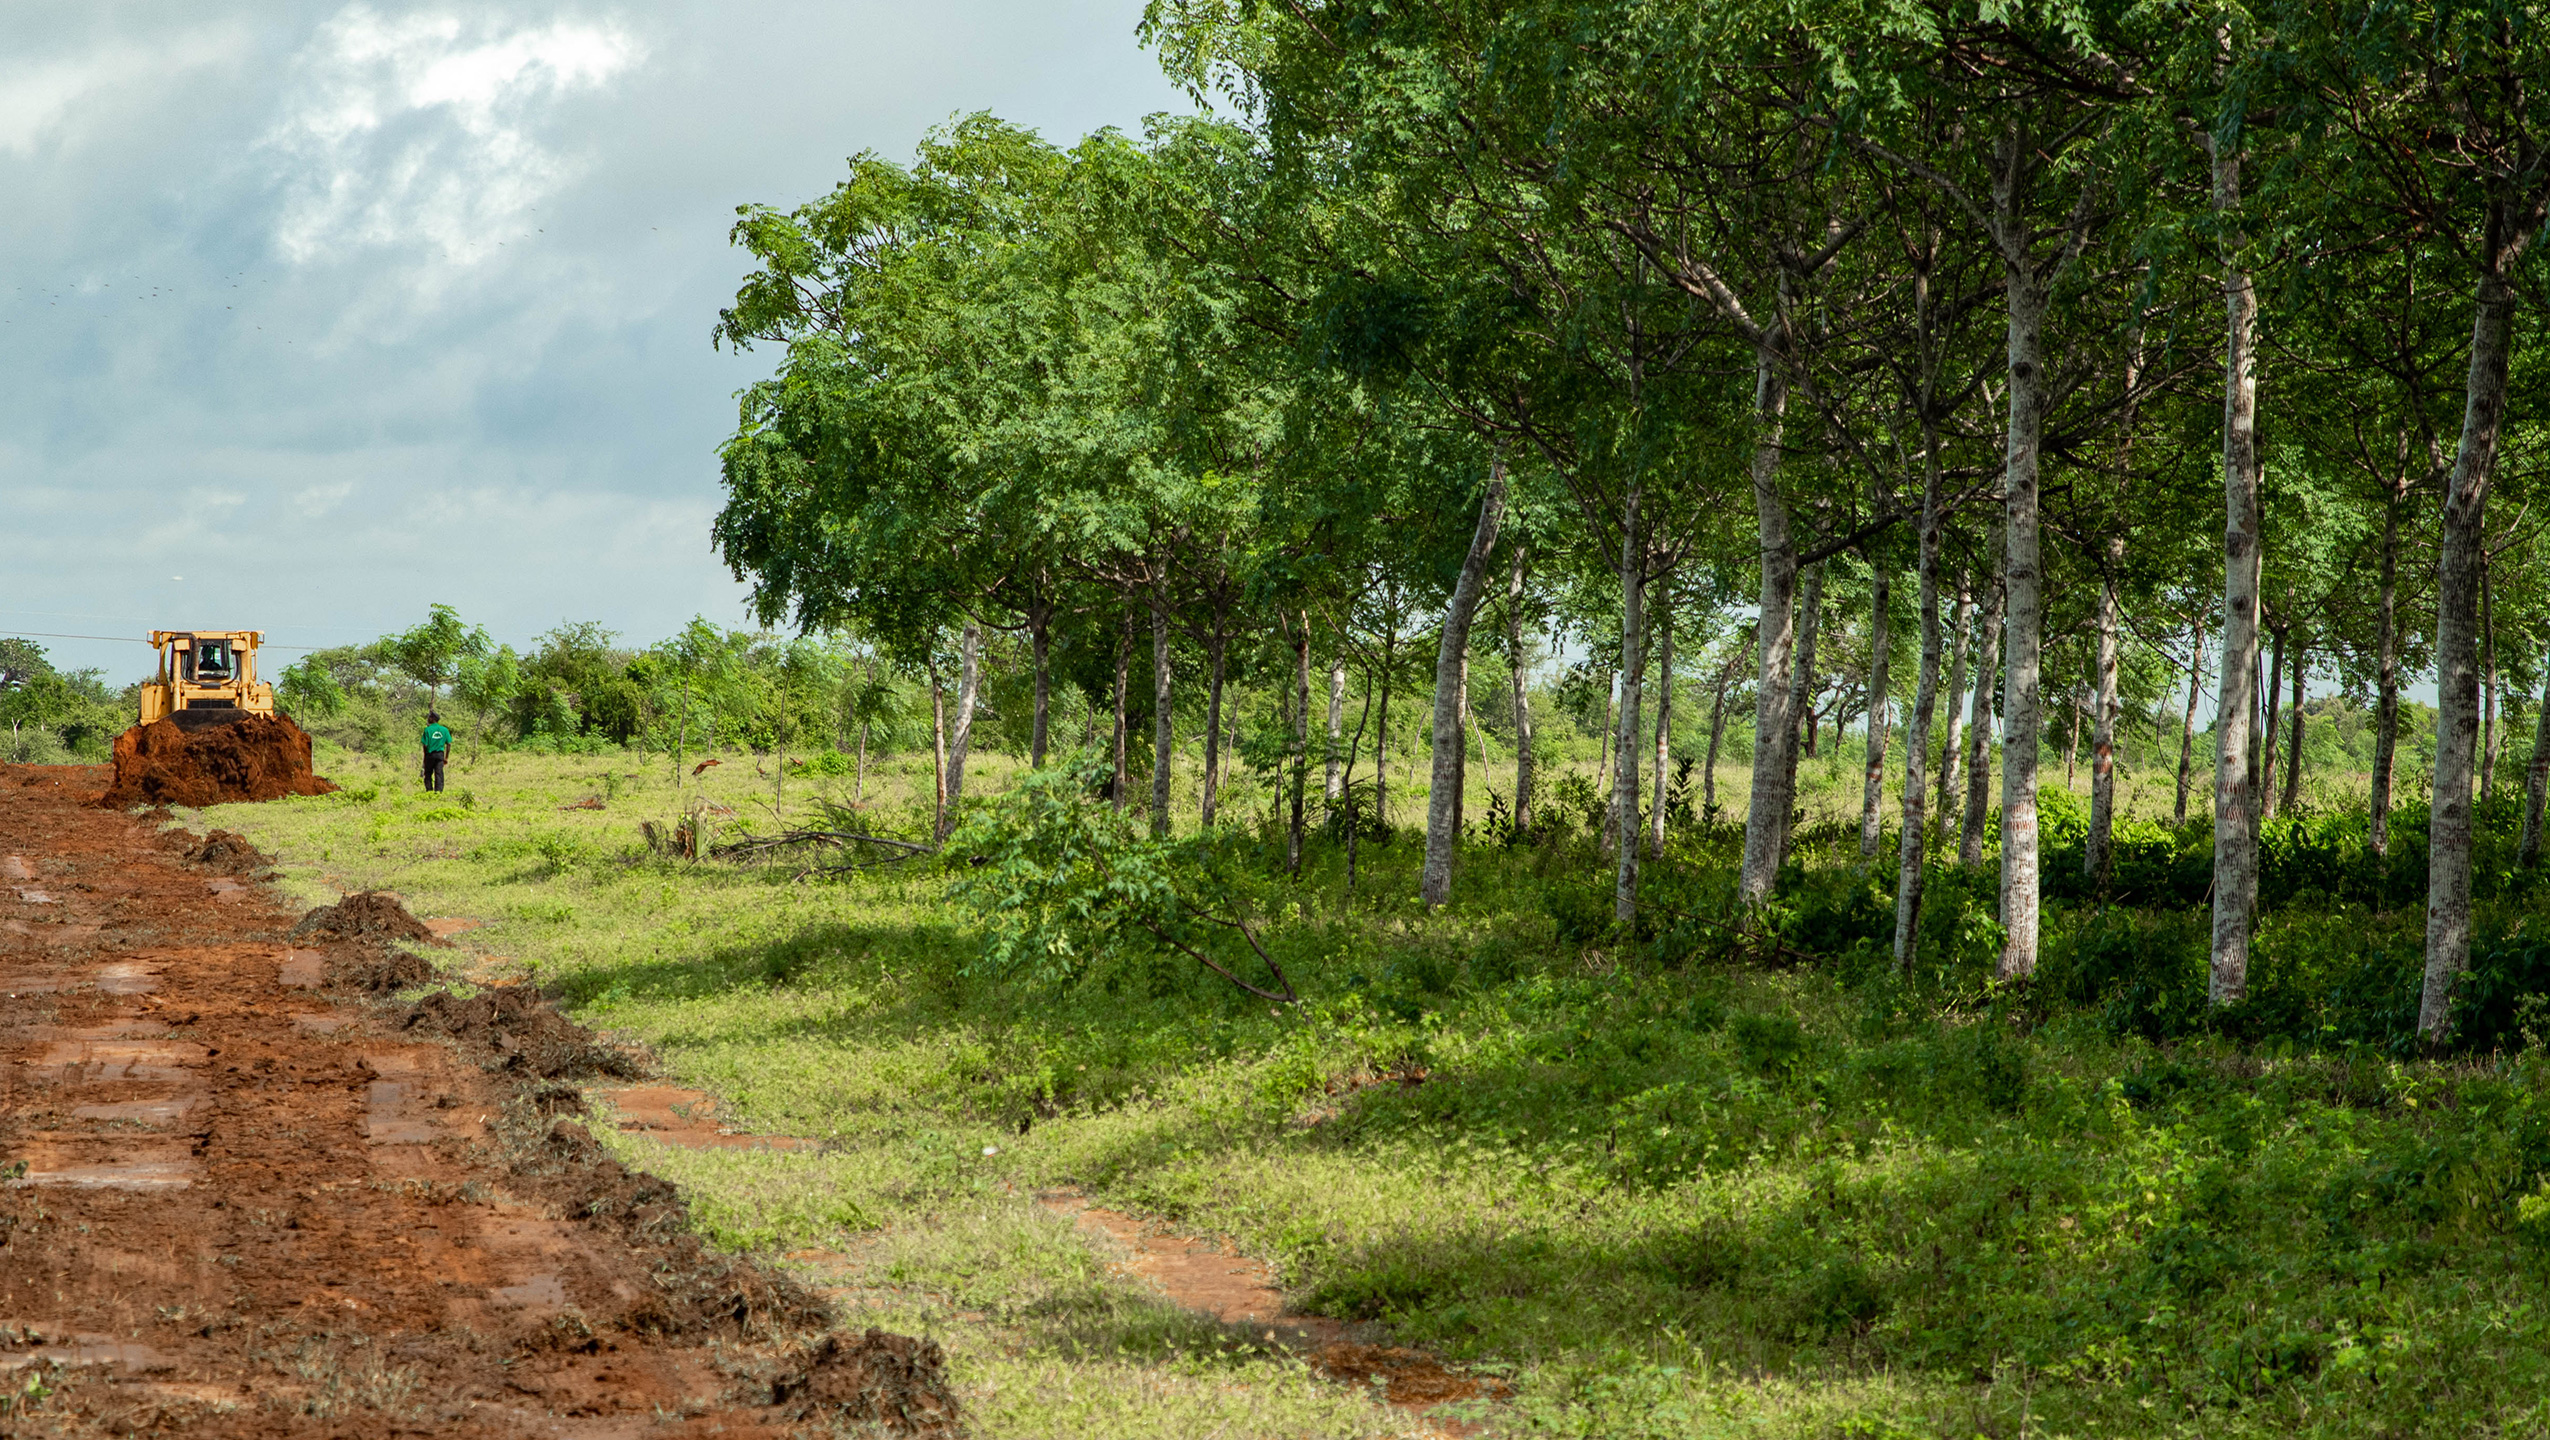 Plantio de árvores reduz a ameaça climática